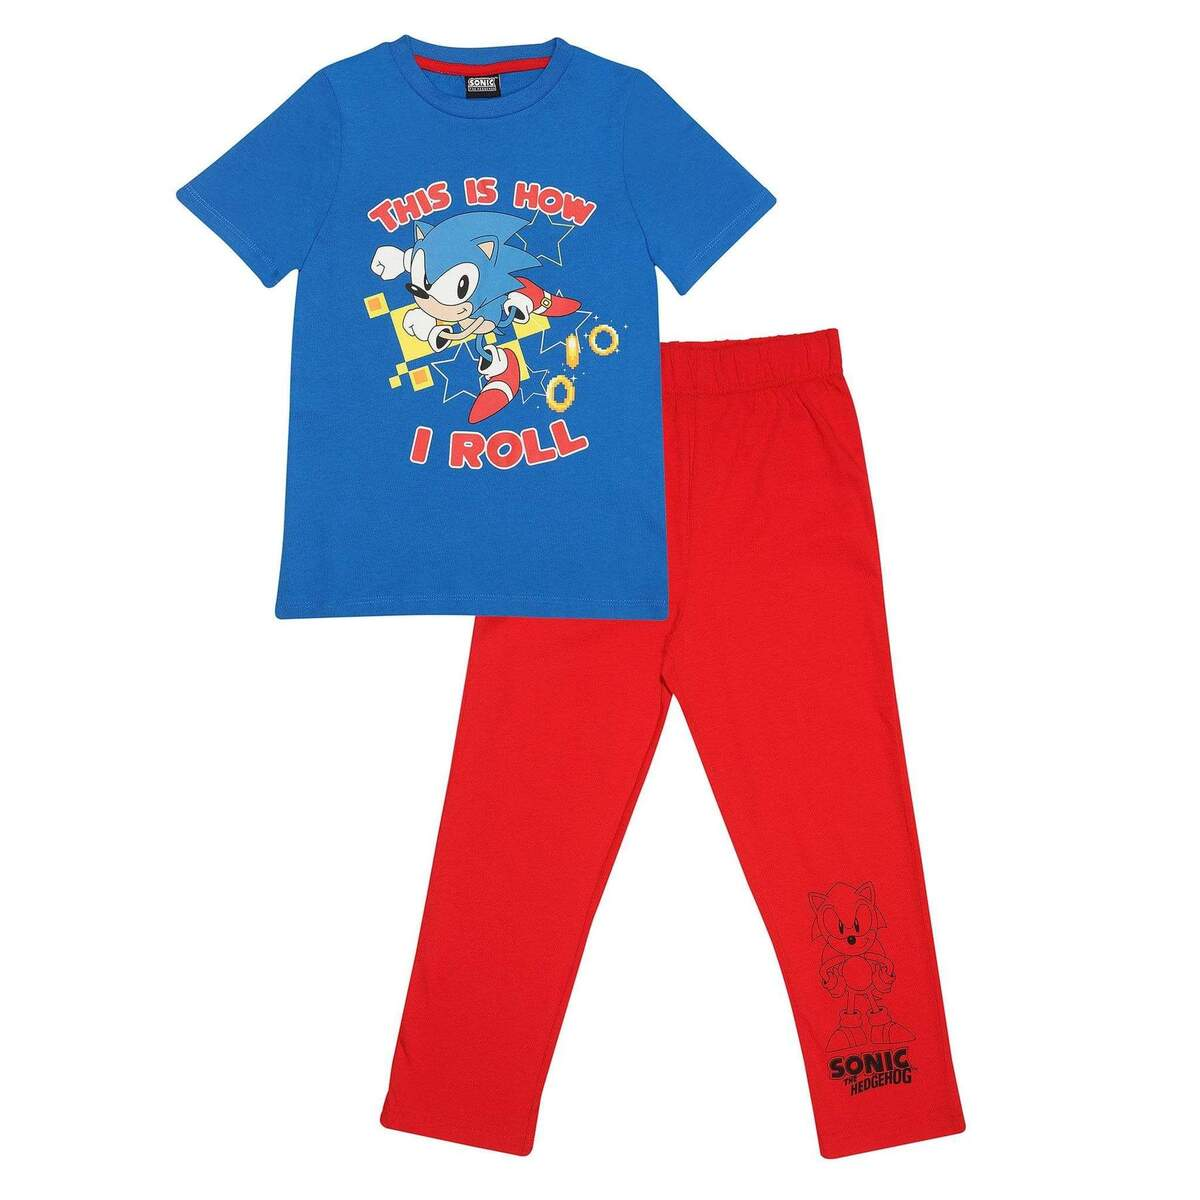 ナイトウェア・ルームウェア, パジャマ () Sonic The Hedgehog This Is How I Roll